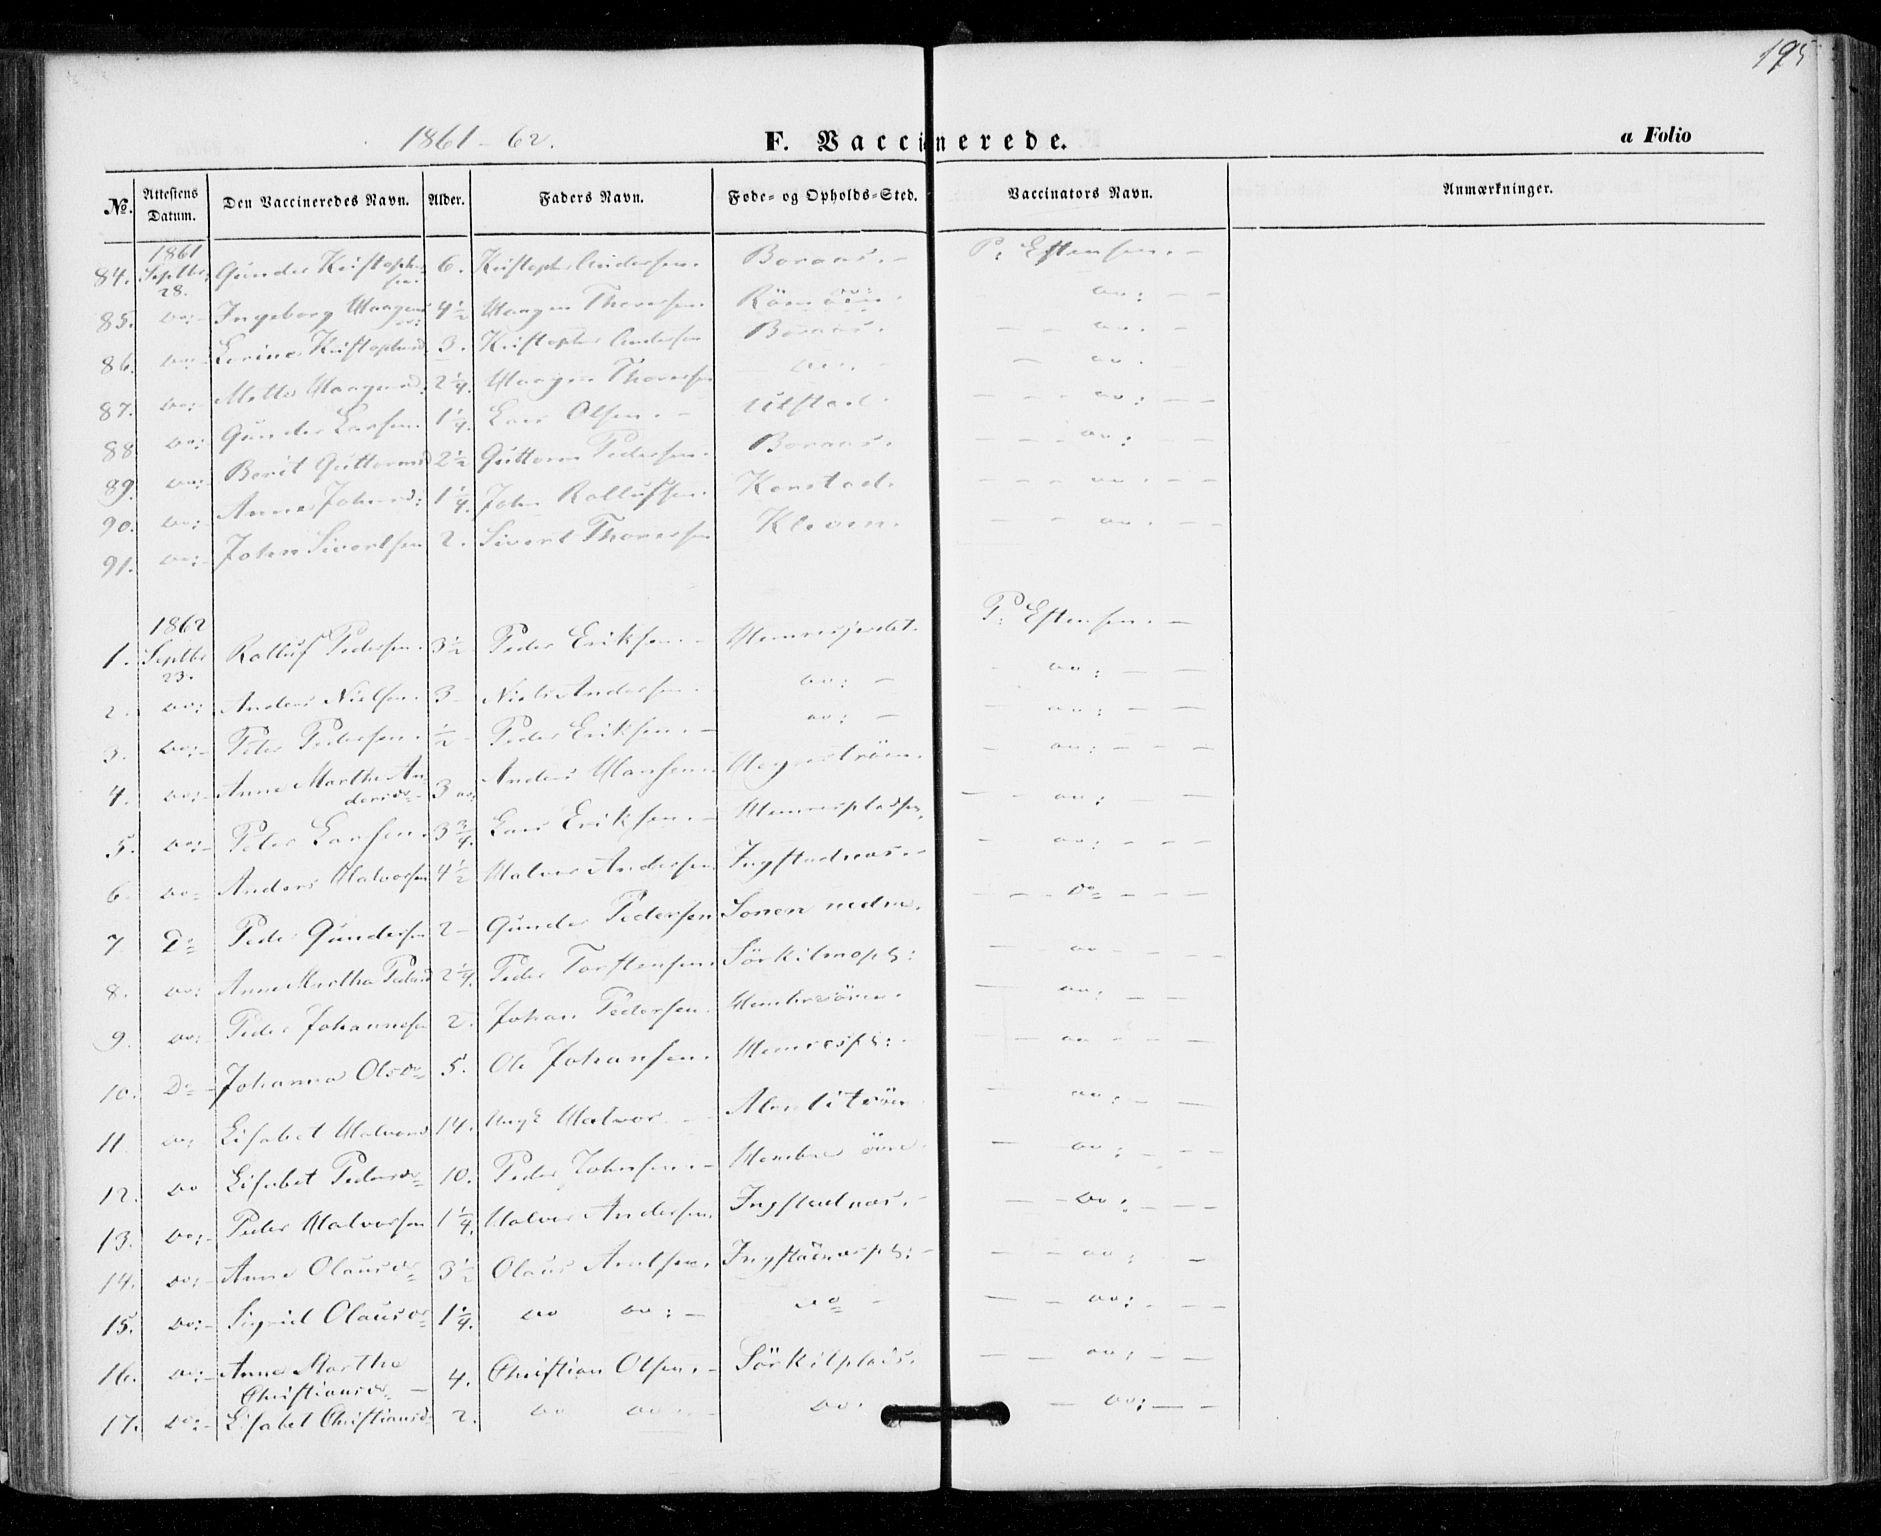 SAT, Ministerialprotokoller, klokkerbøker og fødselsregistre - Nord-Trøndelag, 703/L0028: Ministerialbok nr. 703A01, 1850-1862, s. 195